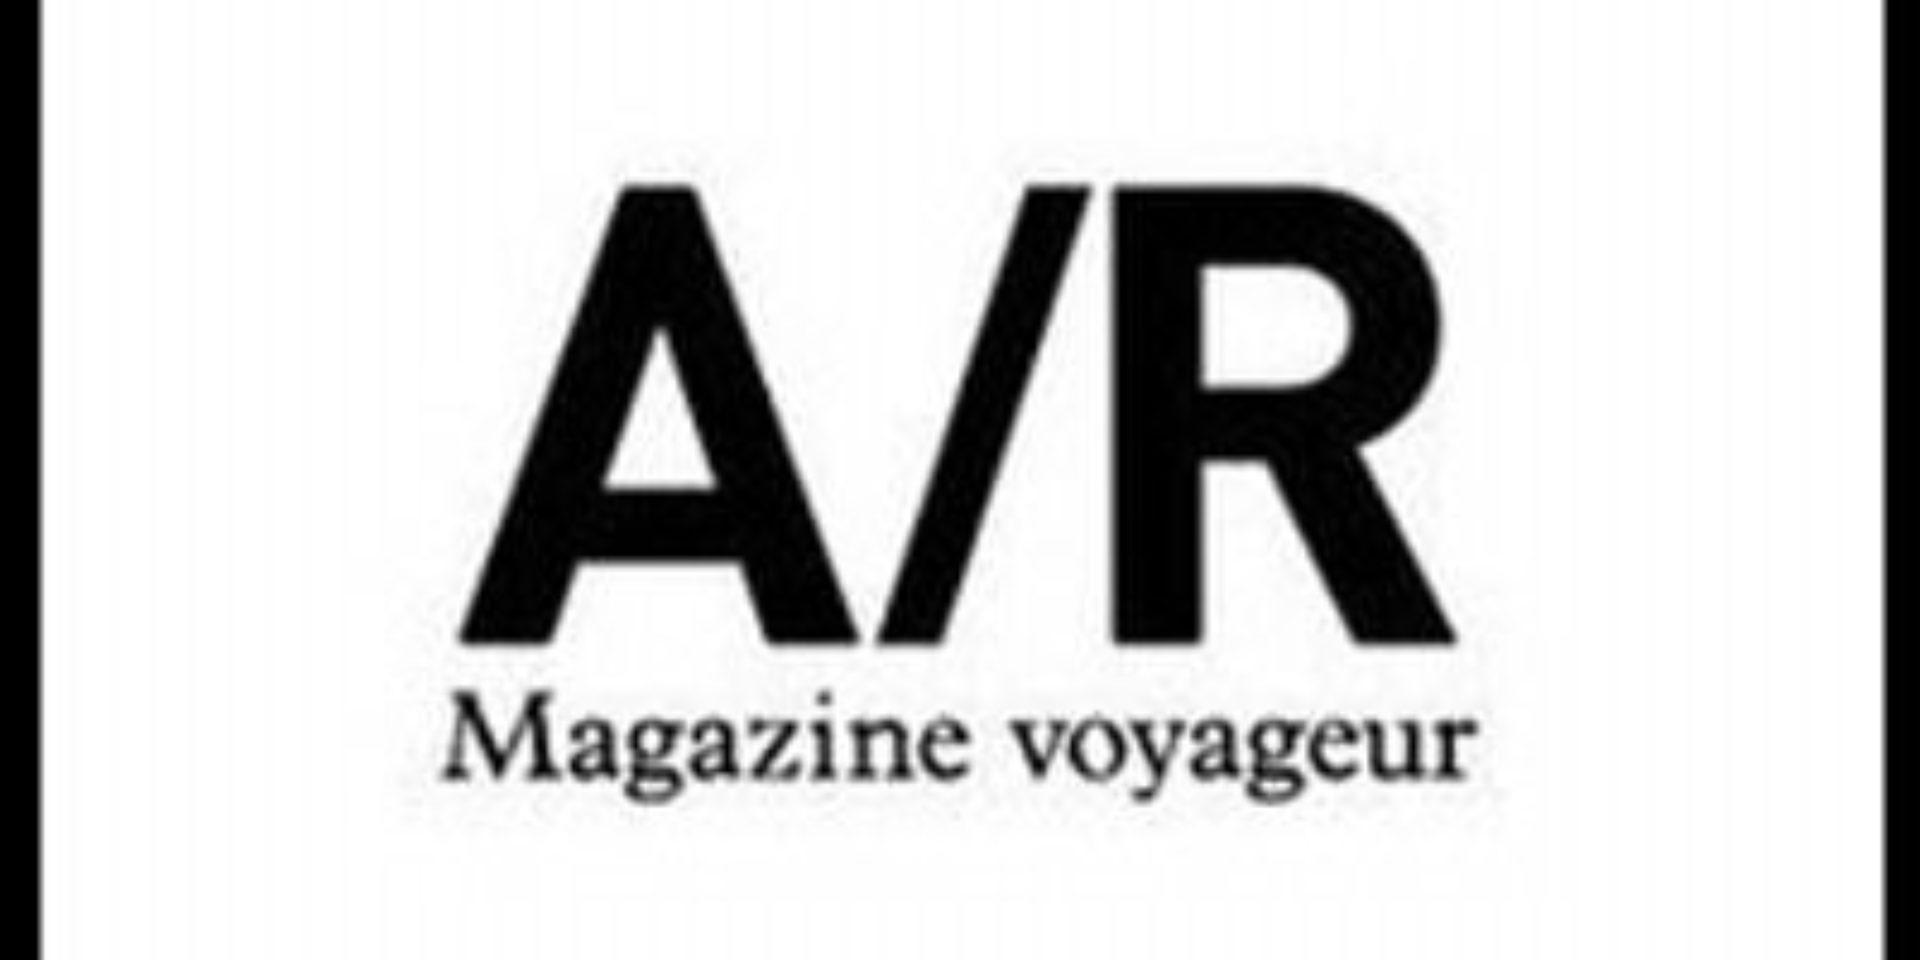 AR magazine voyageur